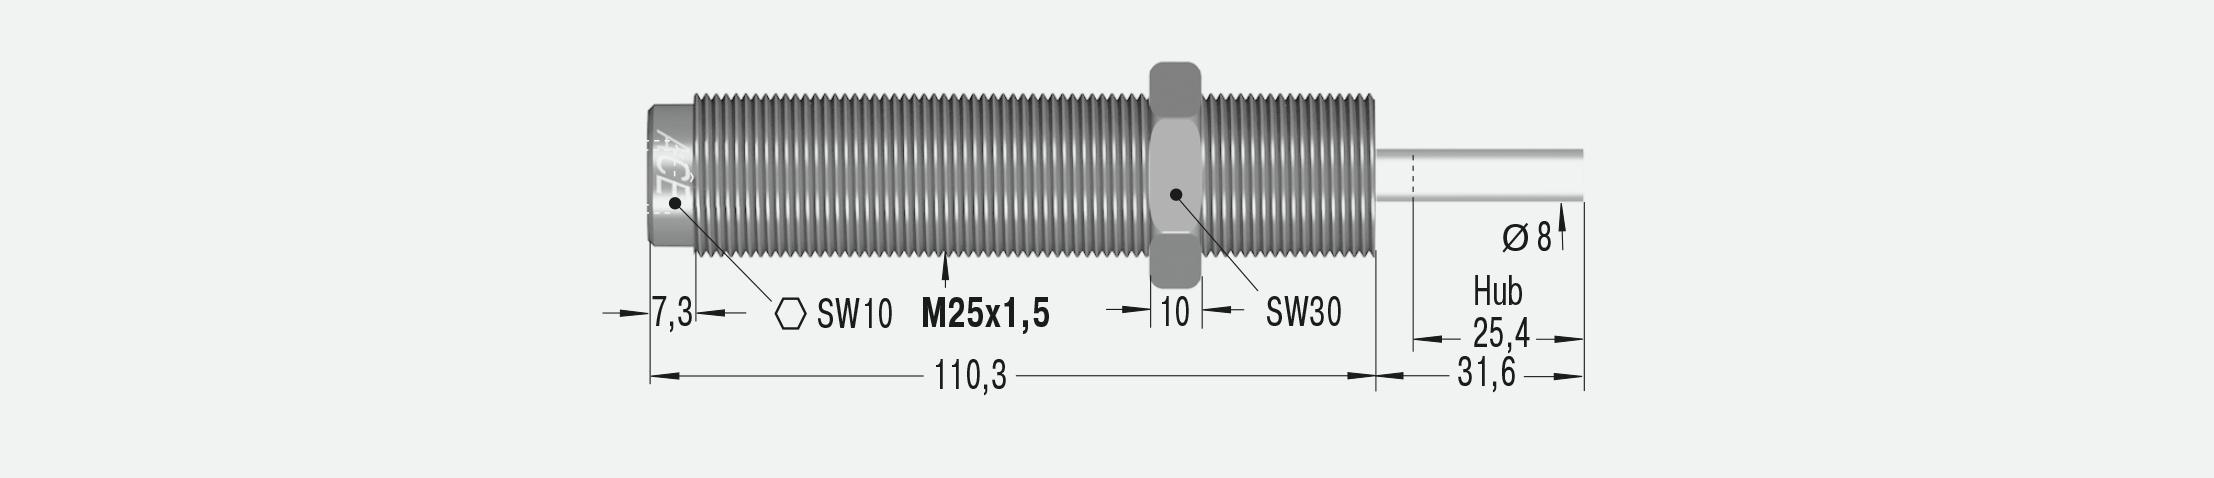 MC600EUMH-V4A